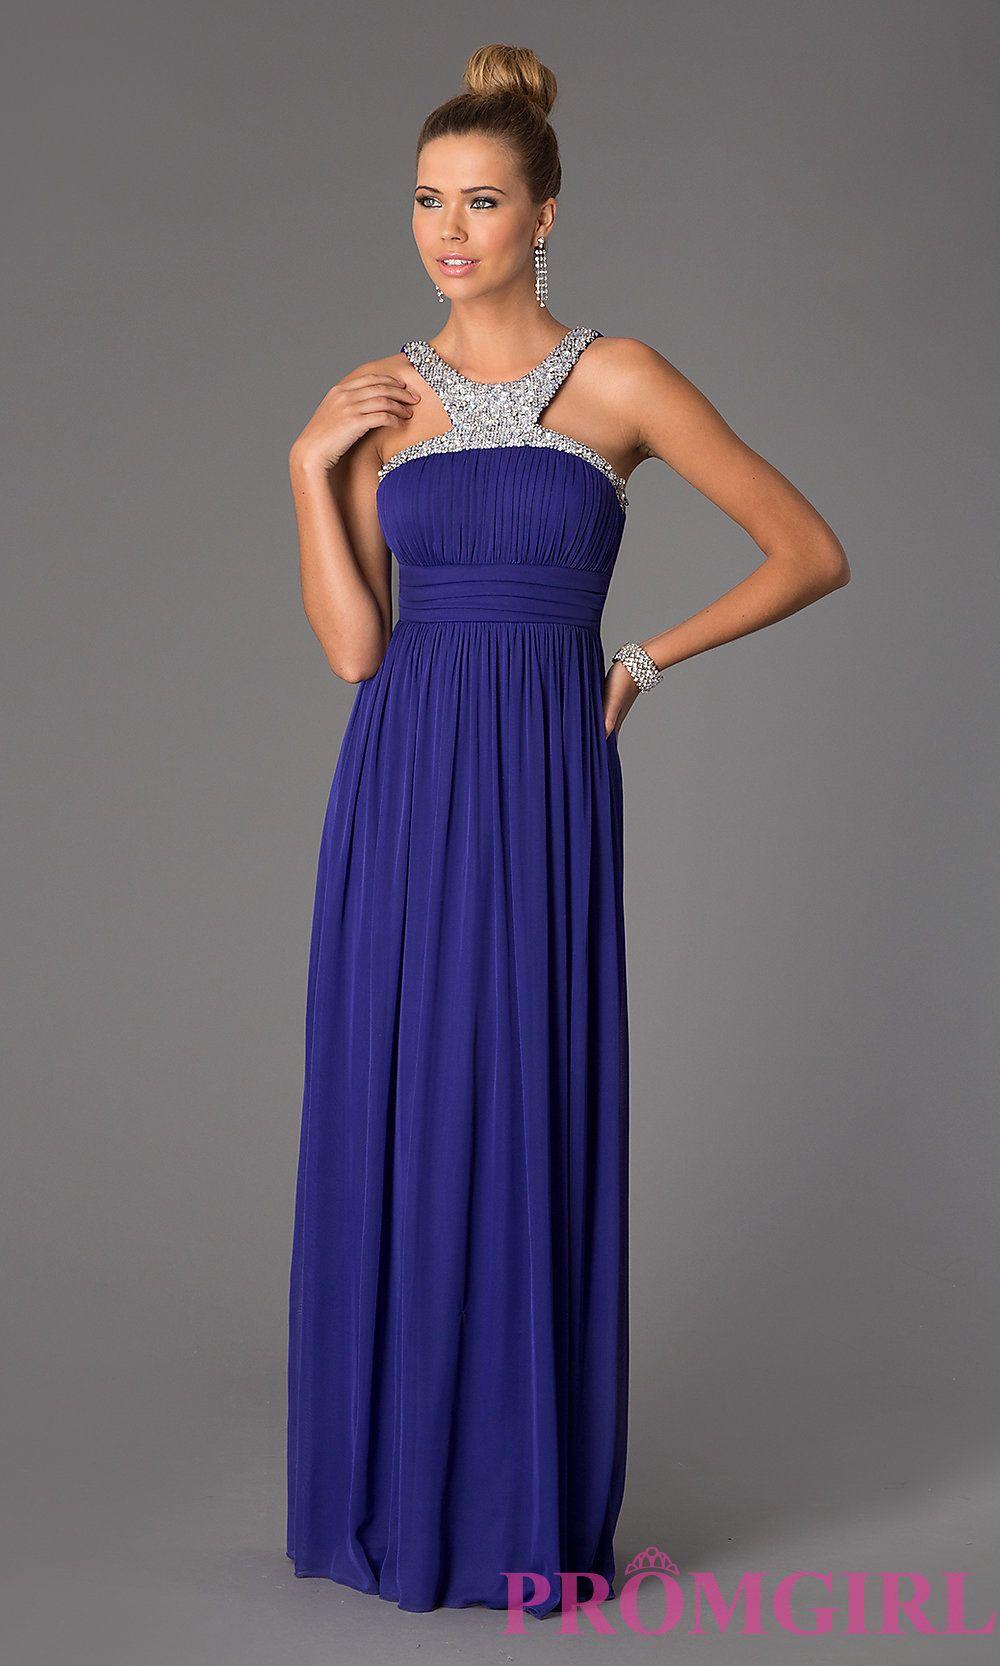 Plus Size Empire Waist Evening Dresses | Dress images